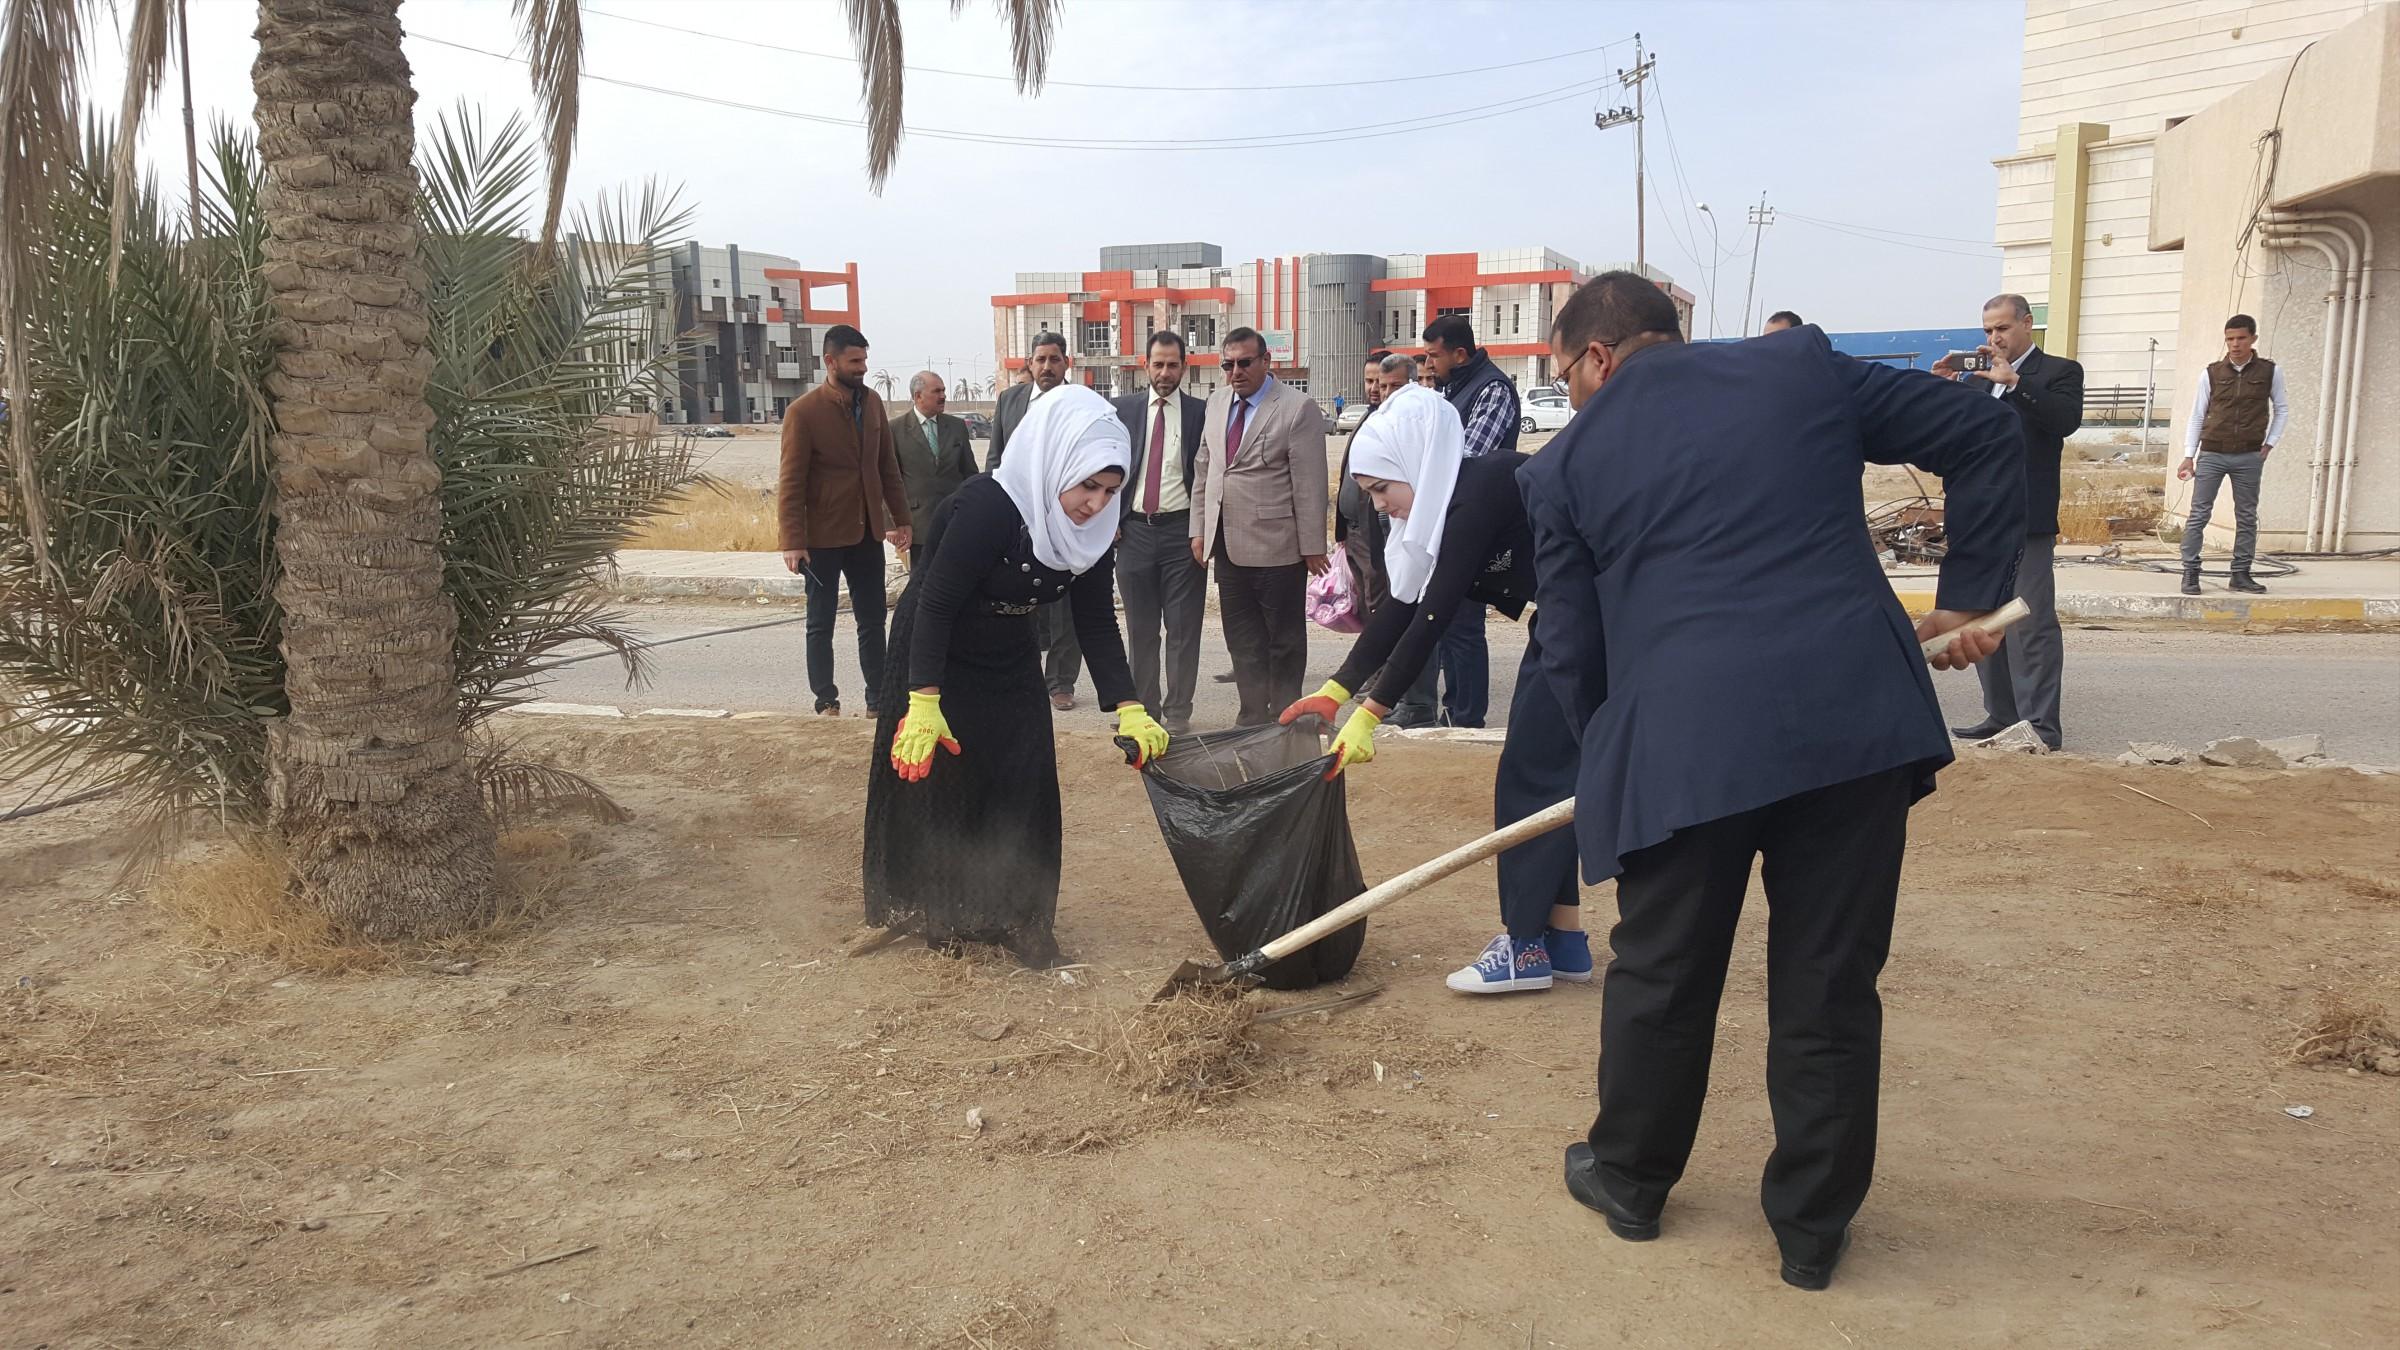 بالصور.. طلبة وأساتذة جامعة الأنبار ينظمون حملة تطوعية لتنظيف وتشجير الجامعة